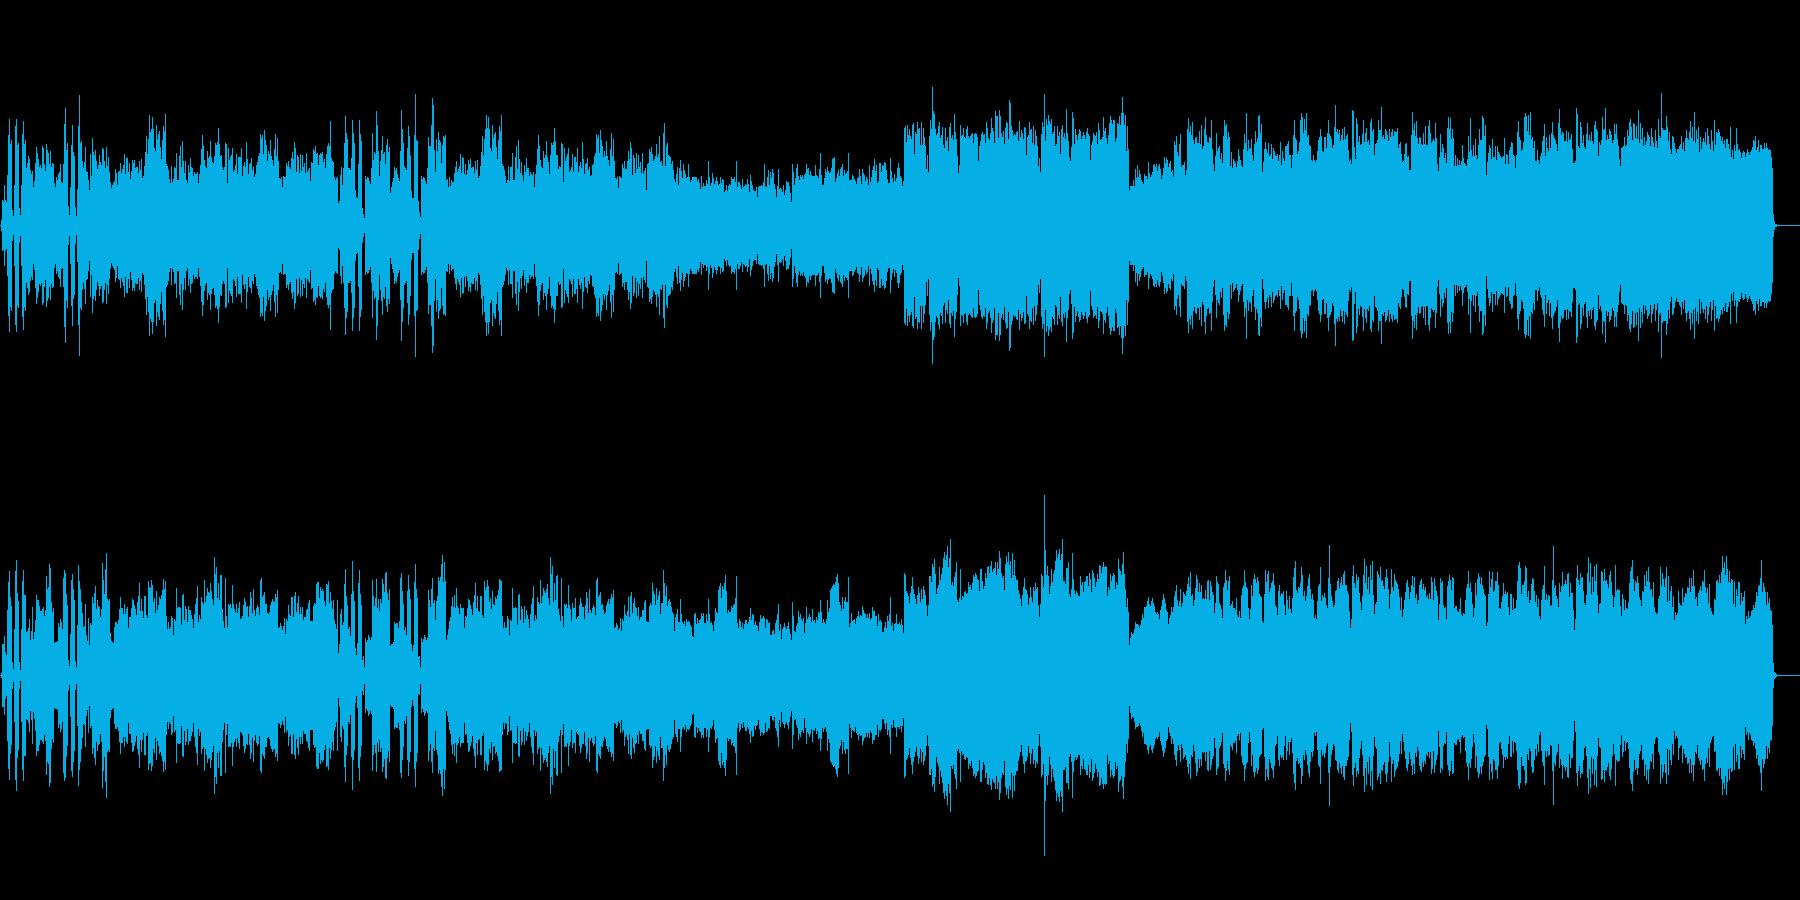 和風正月琴笛太鼓オーケストラ村の再生済みの波形